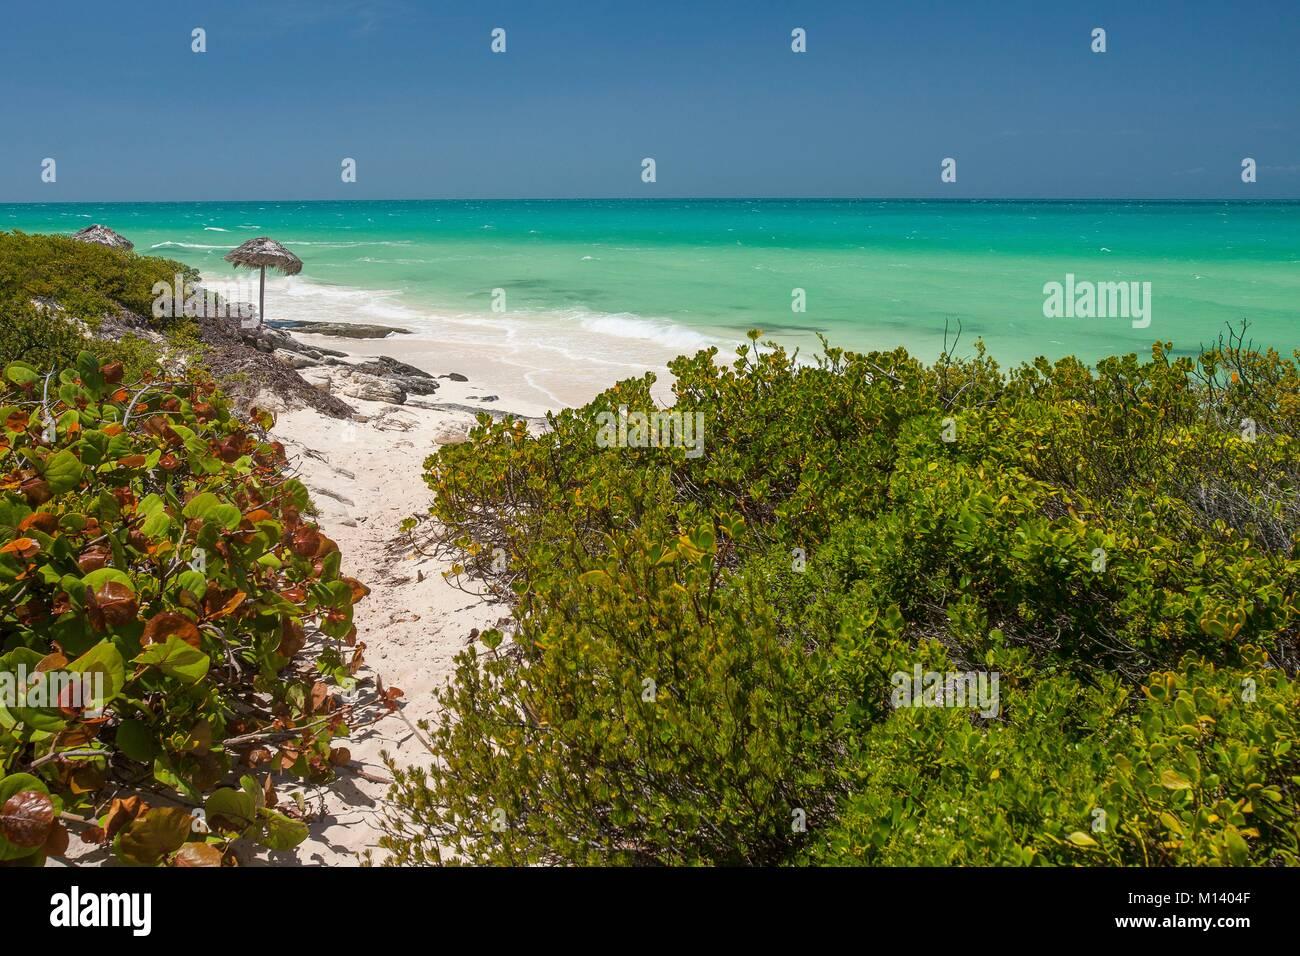 Cuba, Villa Clara province, Jardines del Rey, Cayo Santa Maria Stock Photo